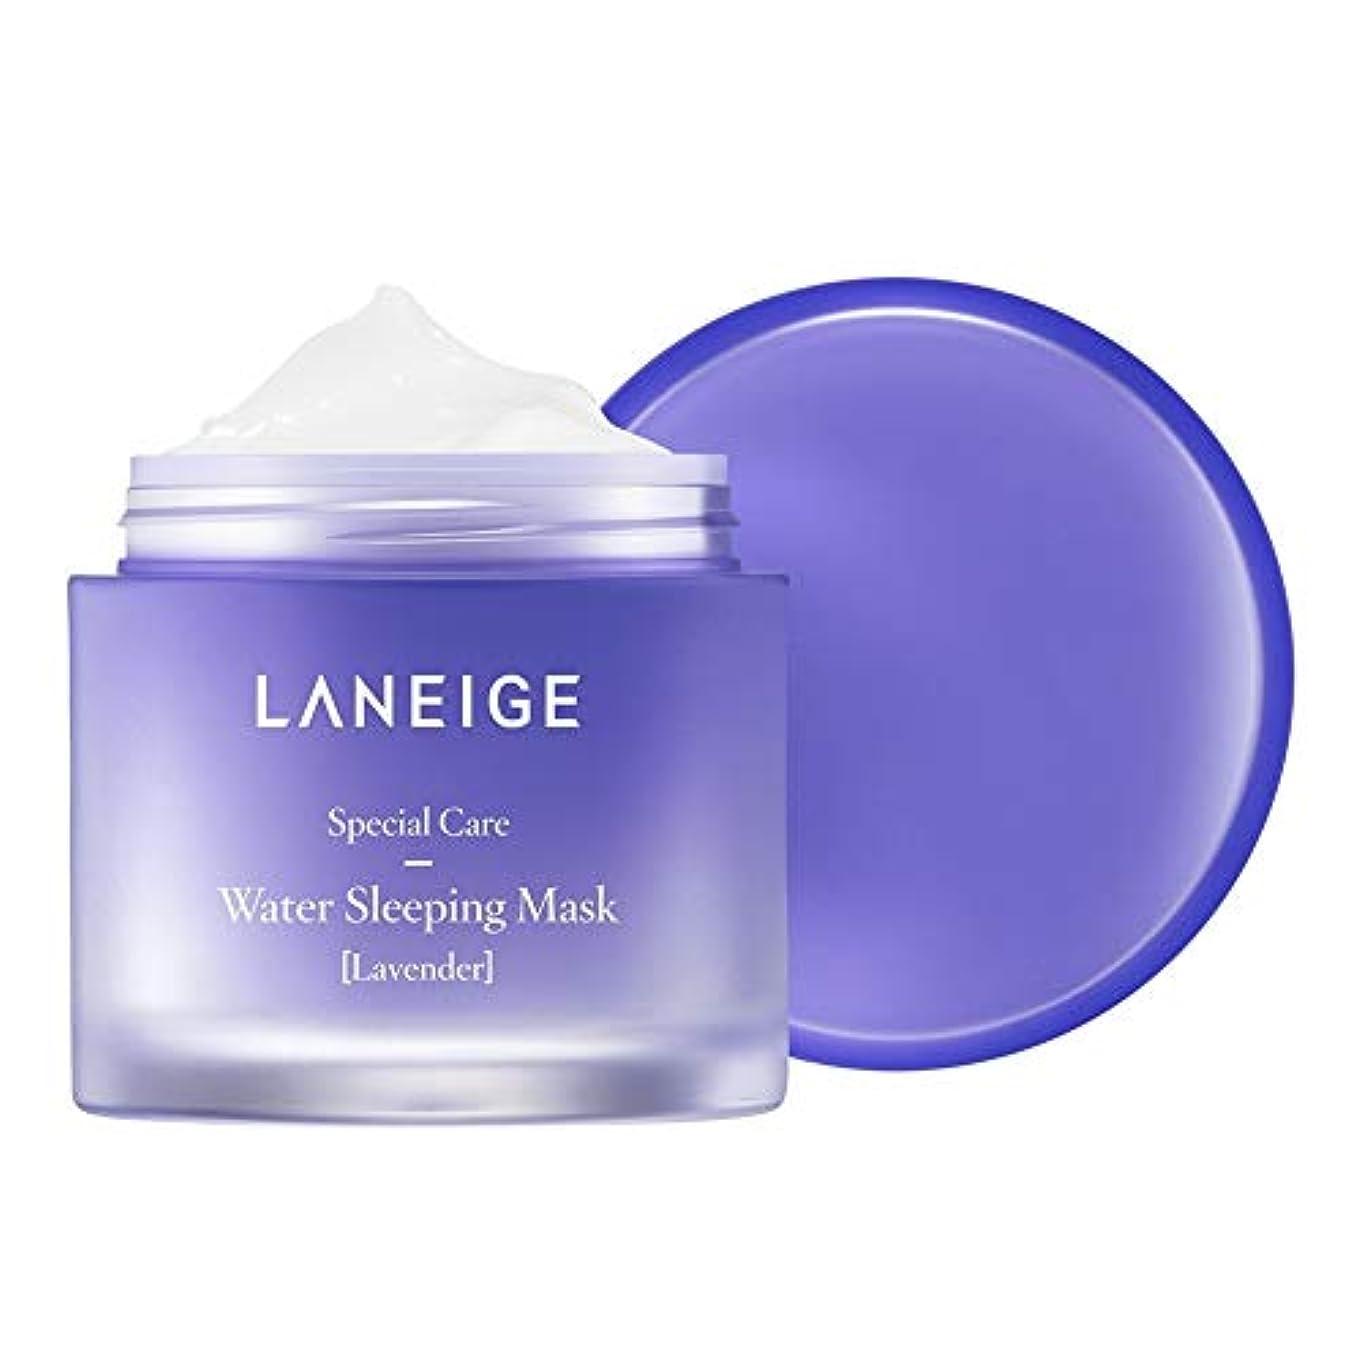 論理したがってサイトLANEIGE ラネージュ ウォータースリーピング マスク ラベンダー2017 New リフィルミーバージョン 70ml Water Sleeping Mask 2017 Lavender [海外直送品]